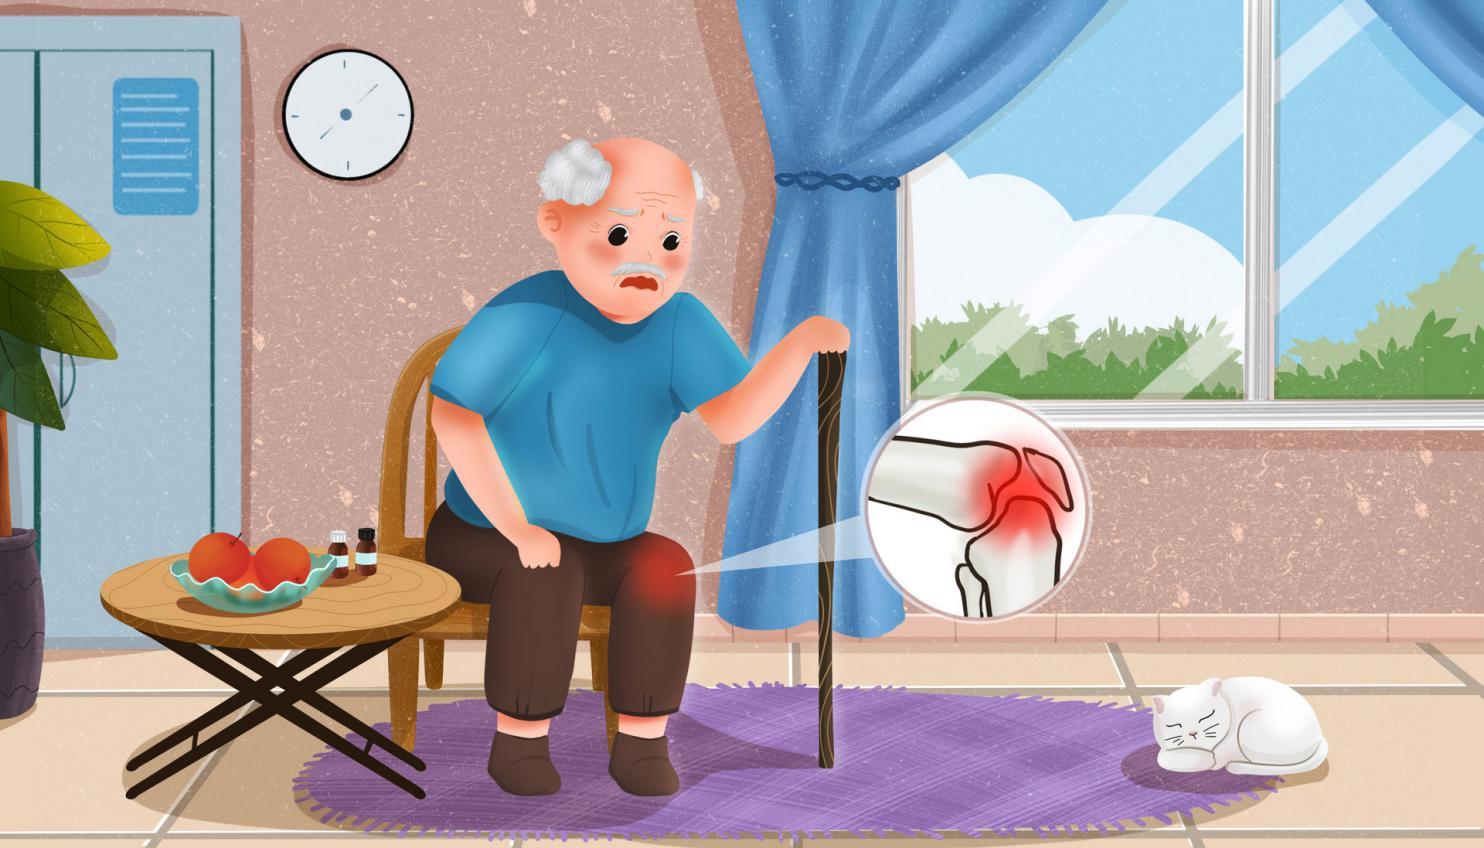 摄图网_401803643_banner_老人坐在椅子上关节炎疼痛(非企业商用)